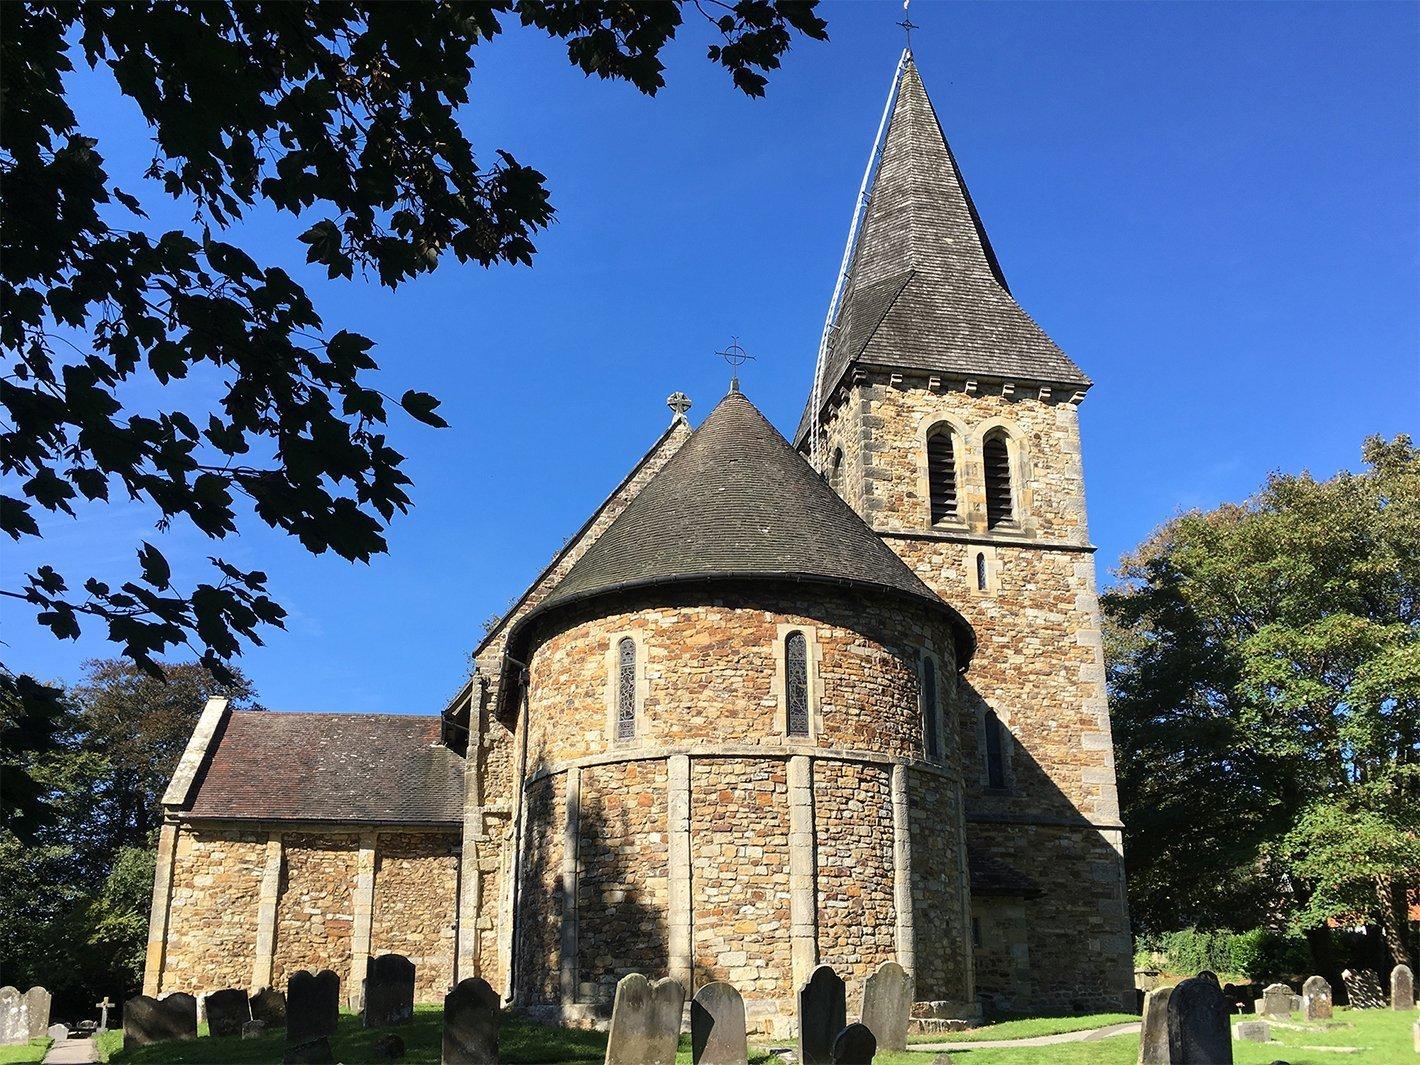 Cowan-Architects-St-Nicholas-Church-Worth-Exterior